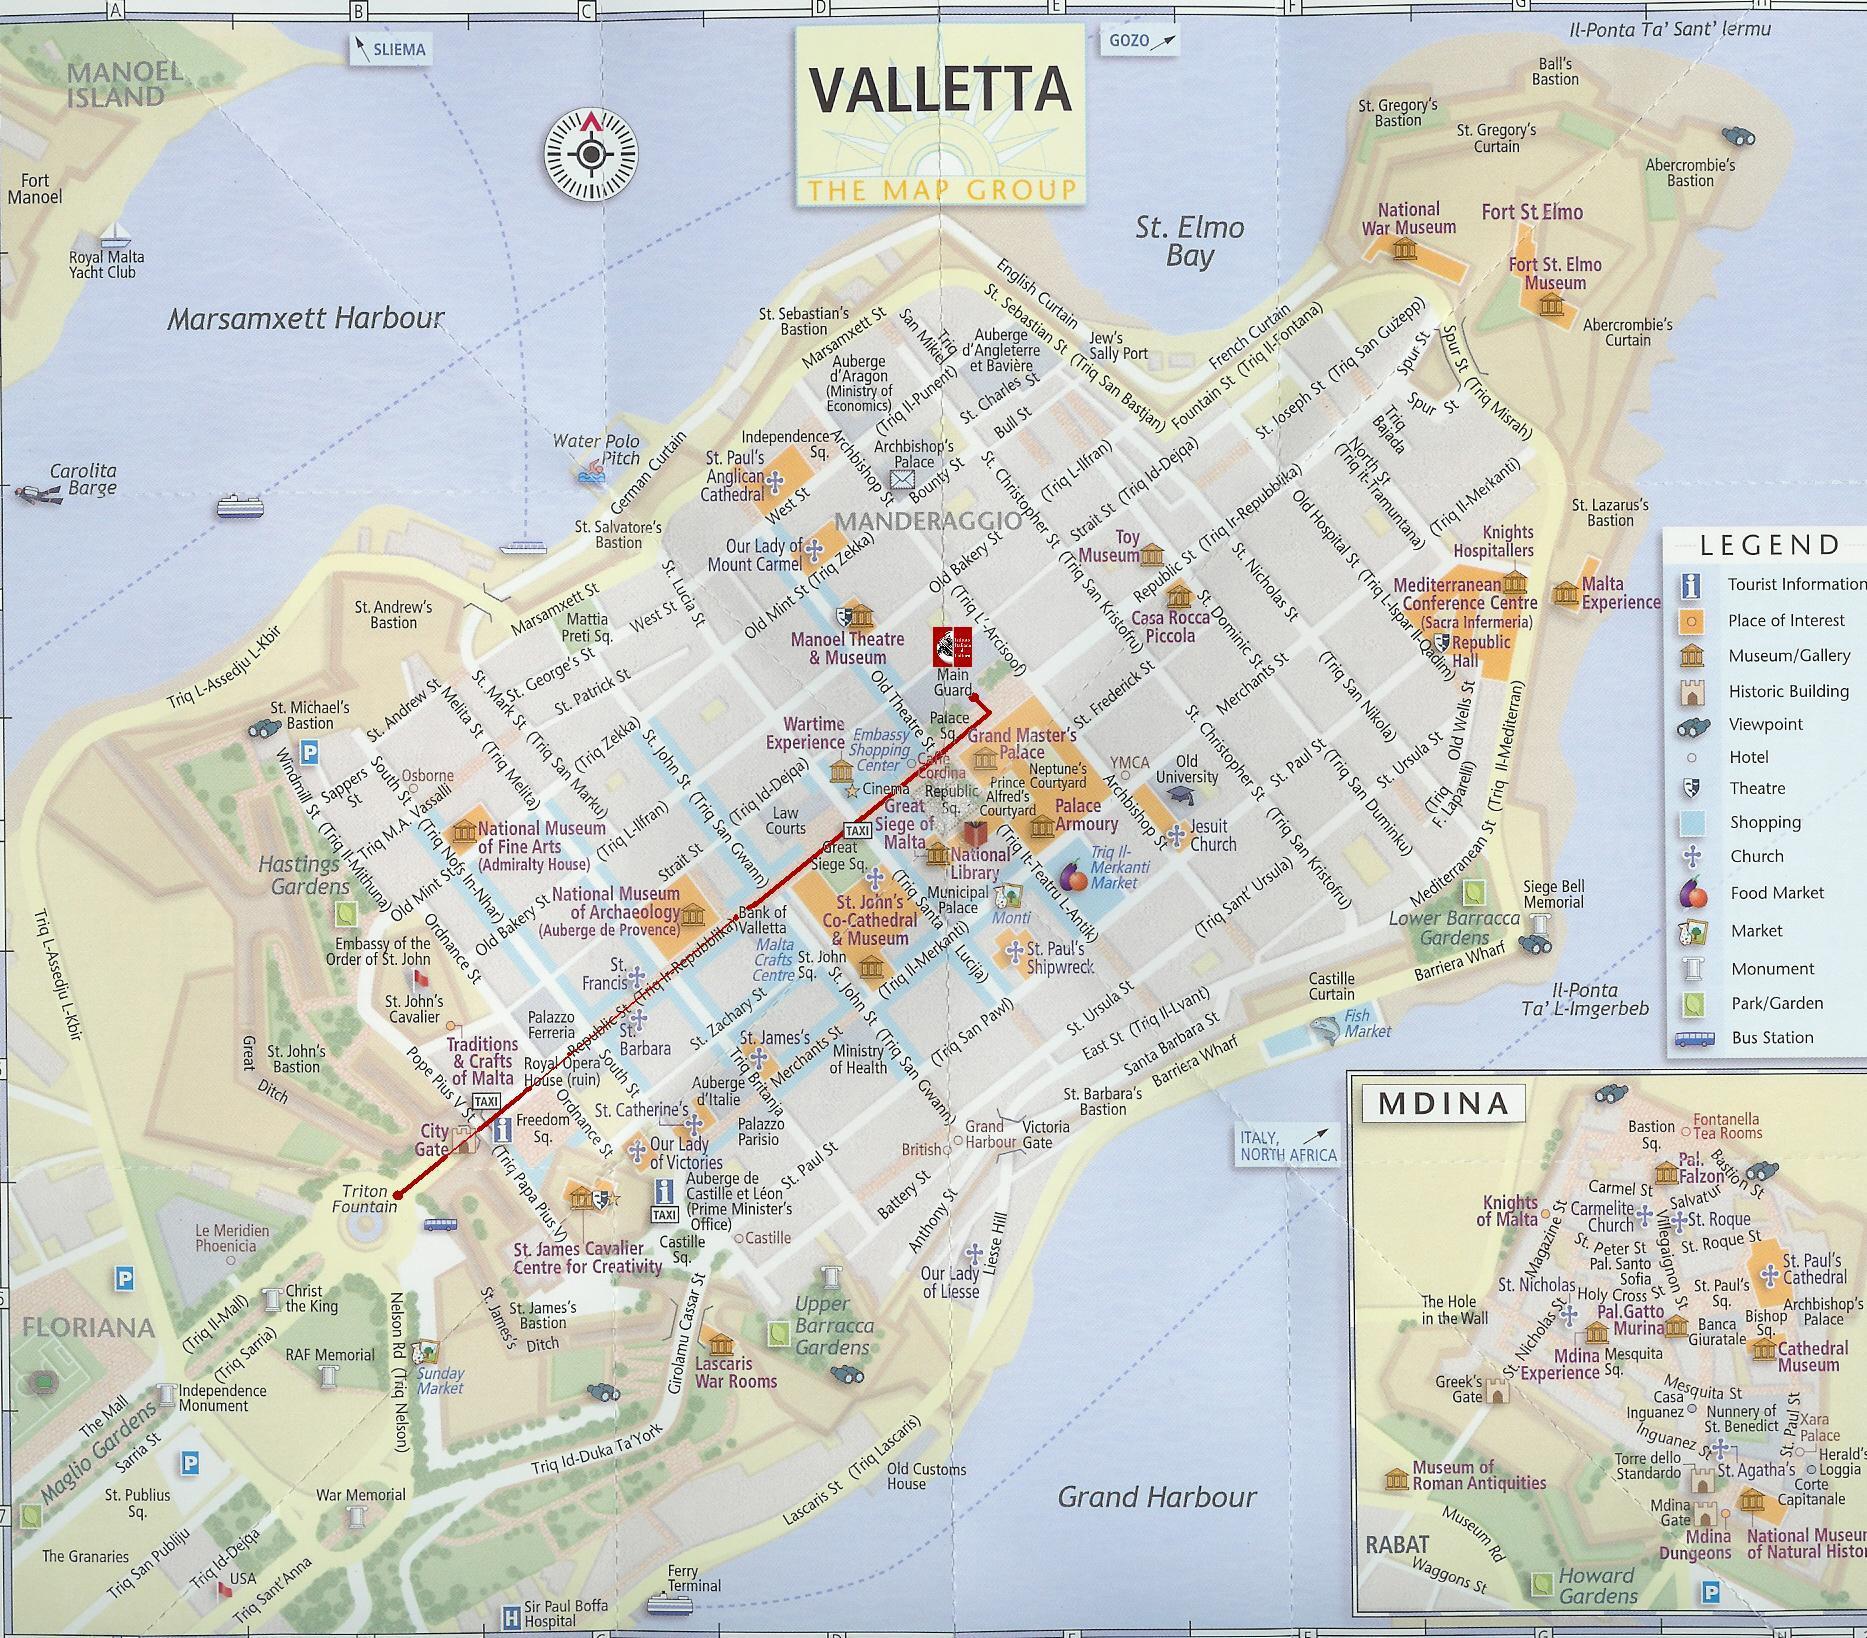 malta forum